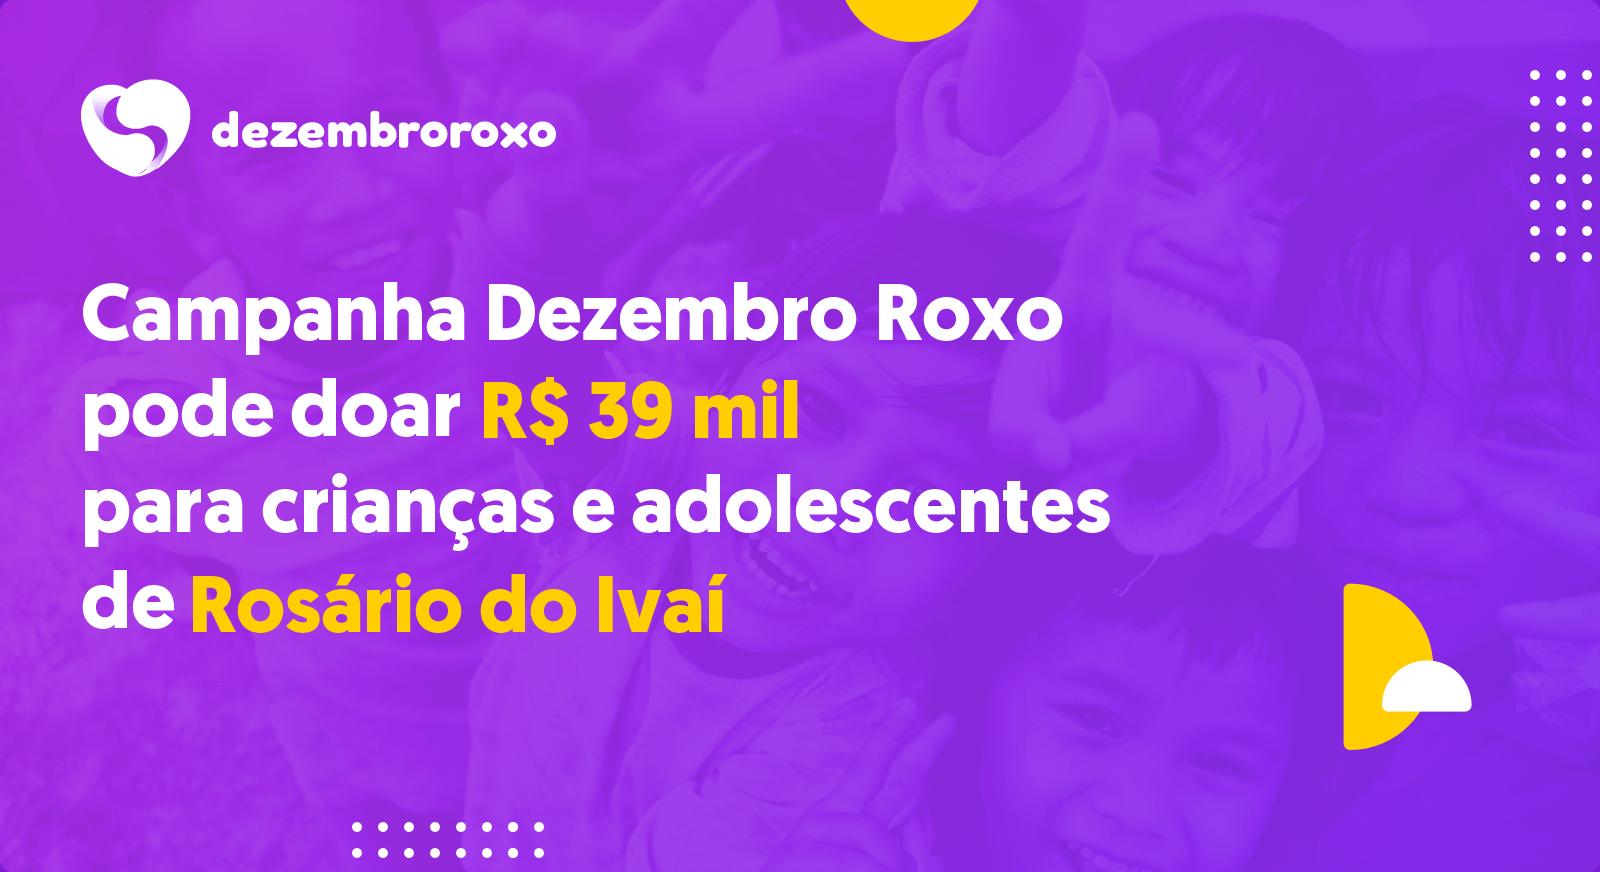 Doações em Rosário do Ivaí - PR